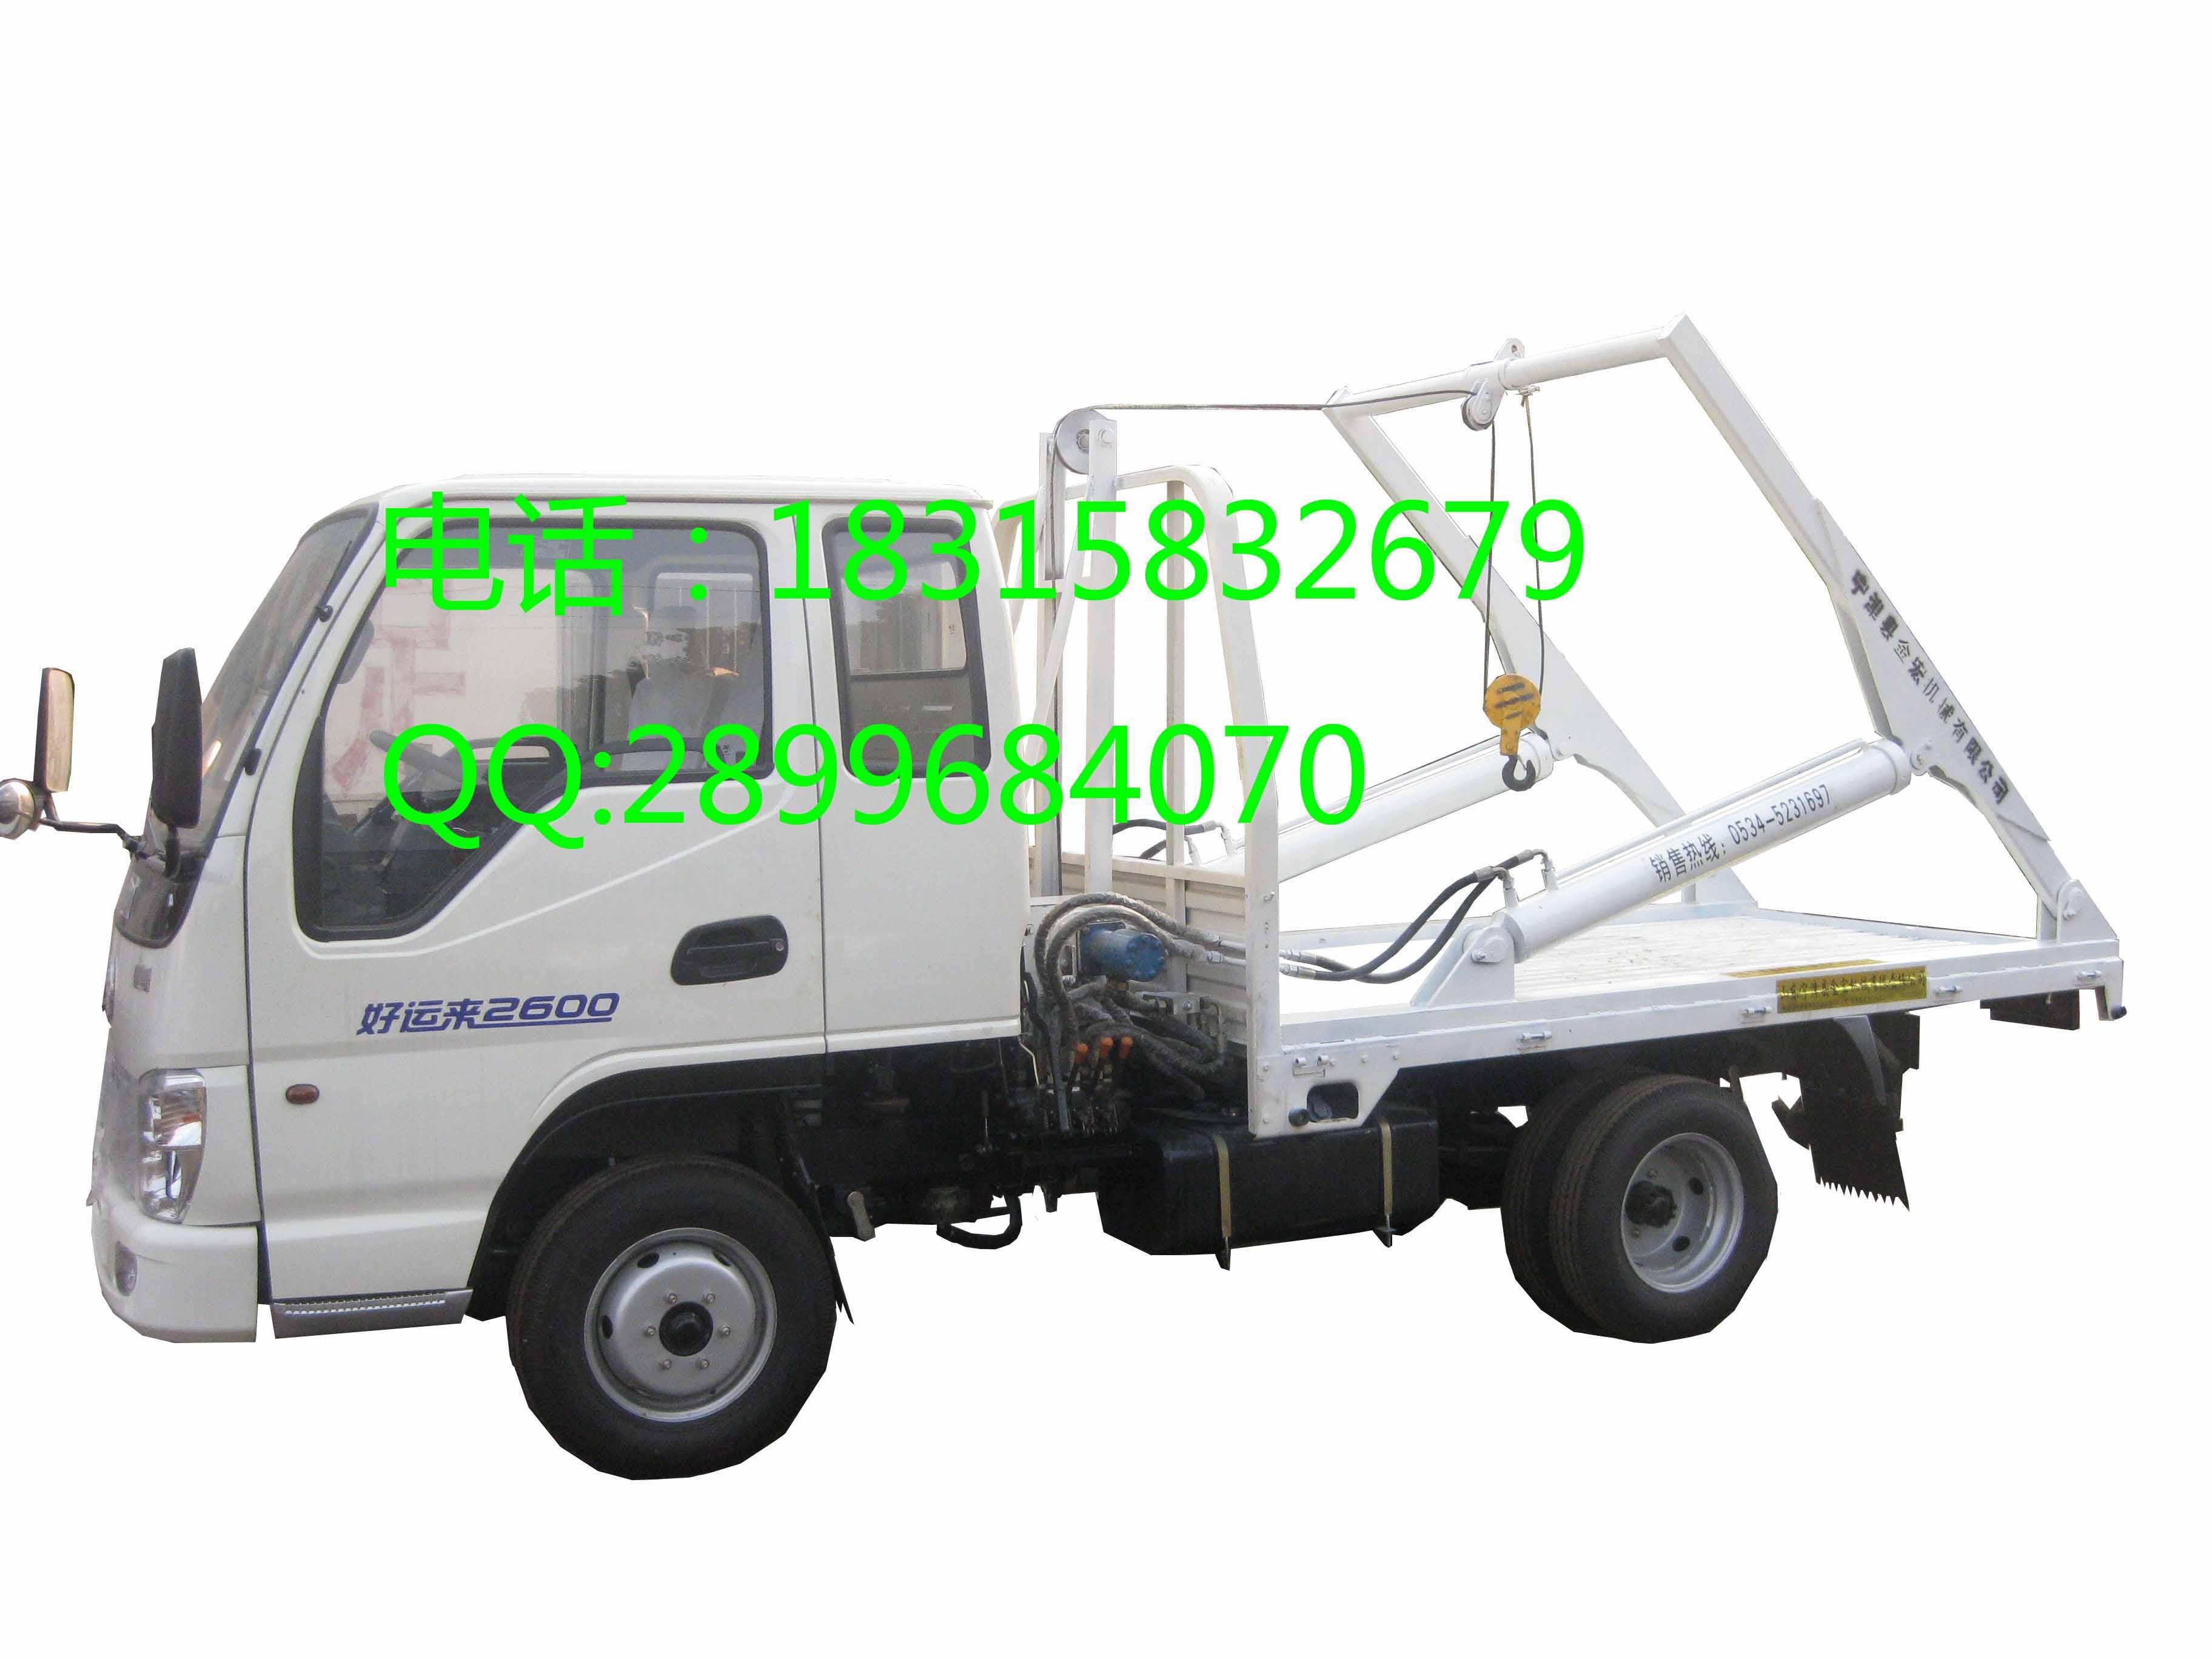 沧州哪家生产的吊车可靠|载货吊树吊车